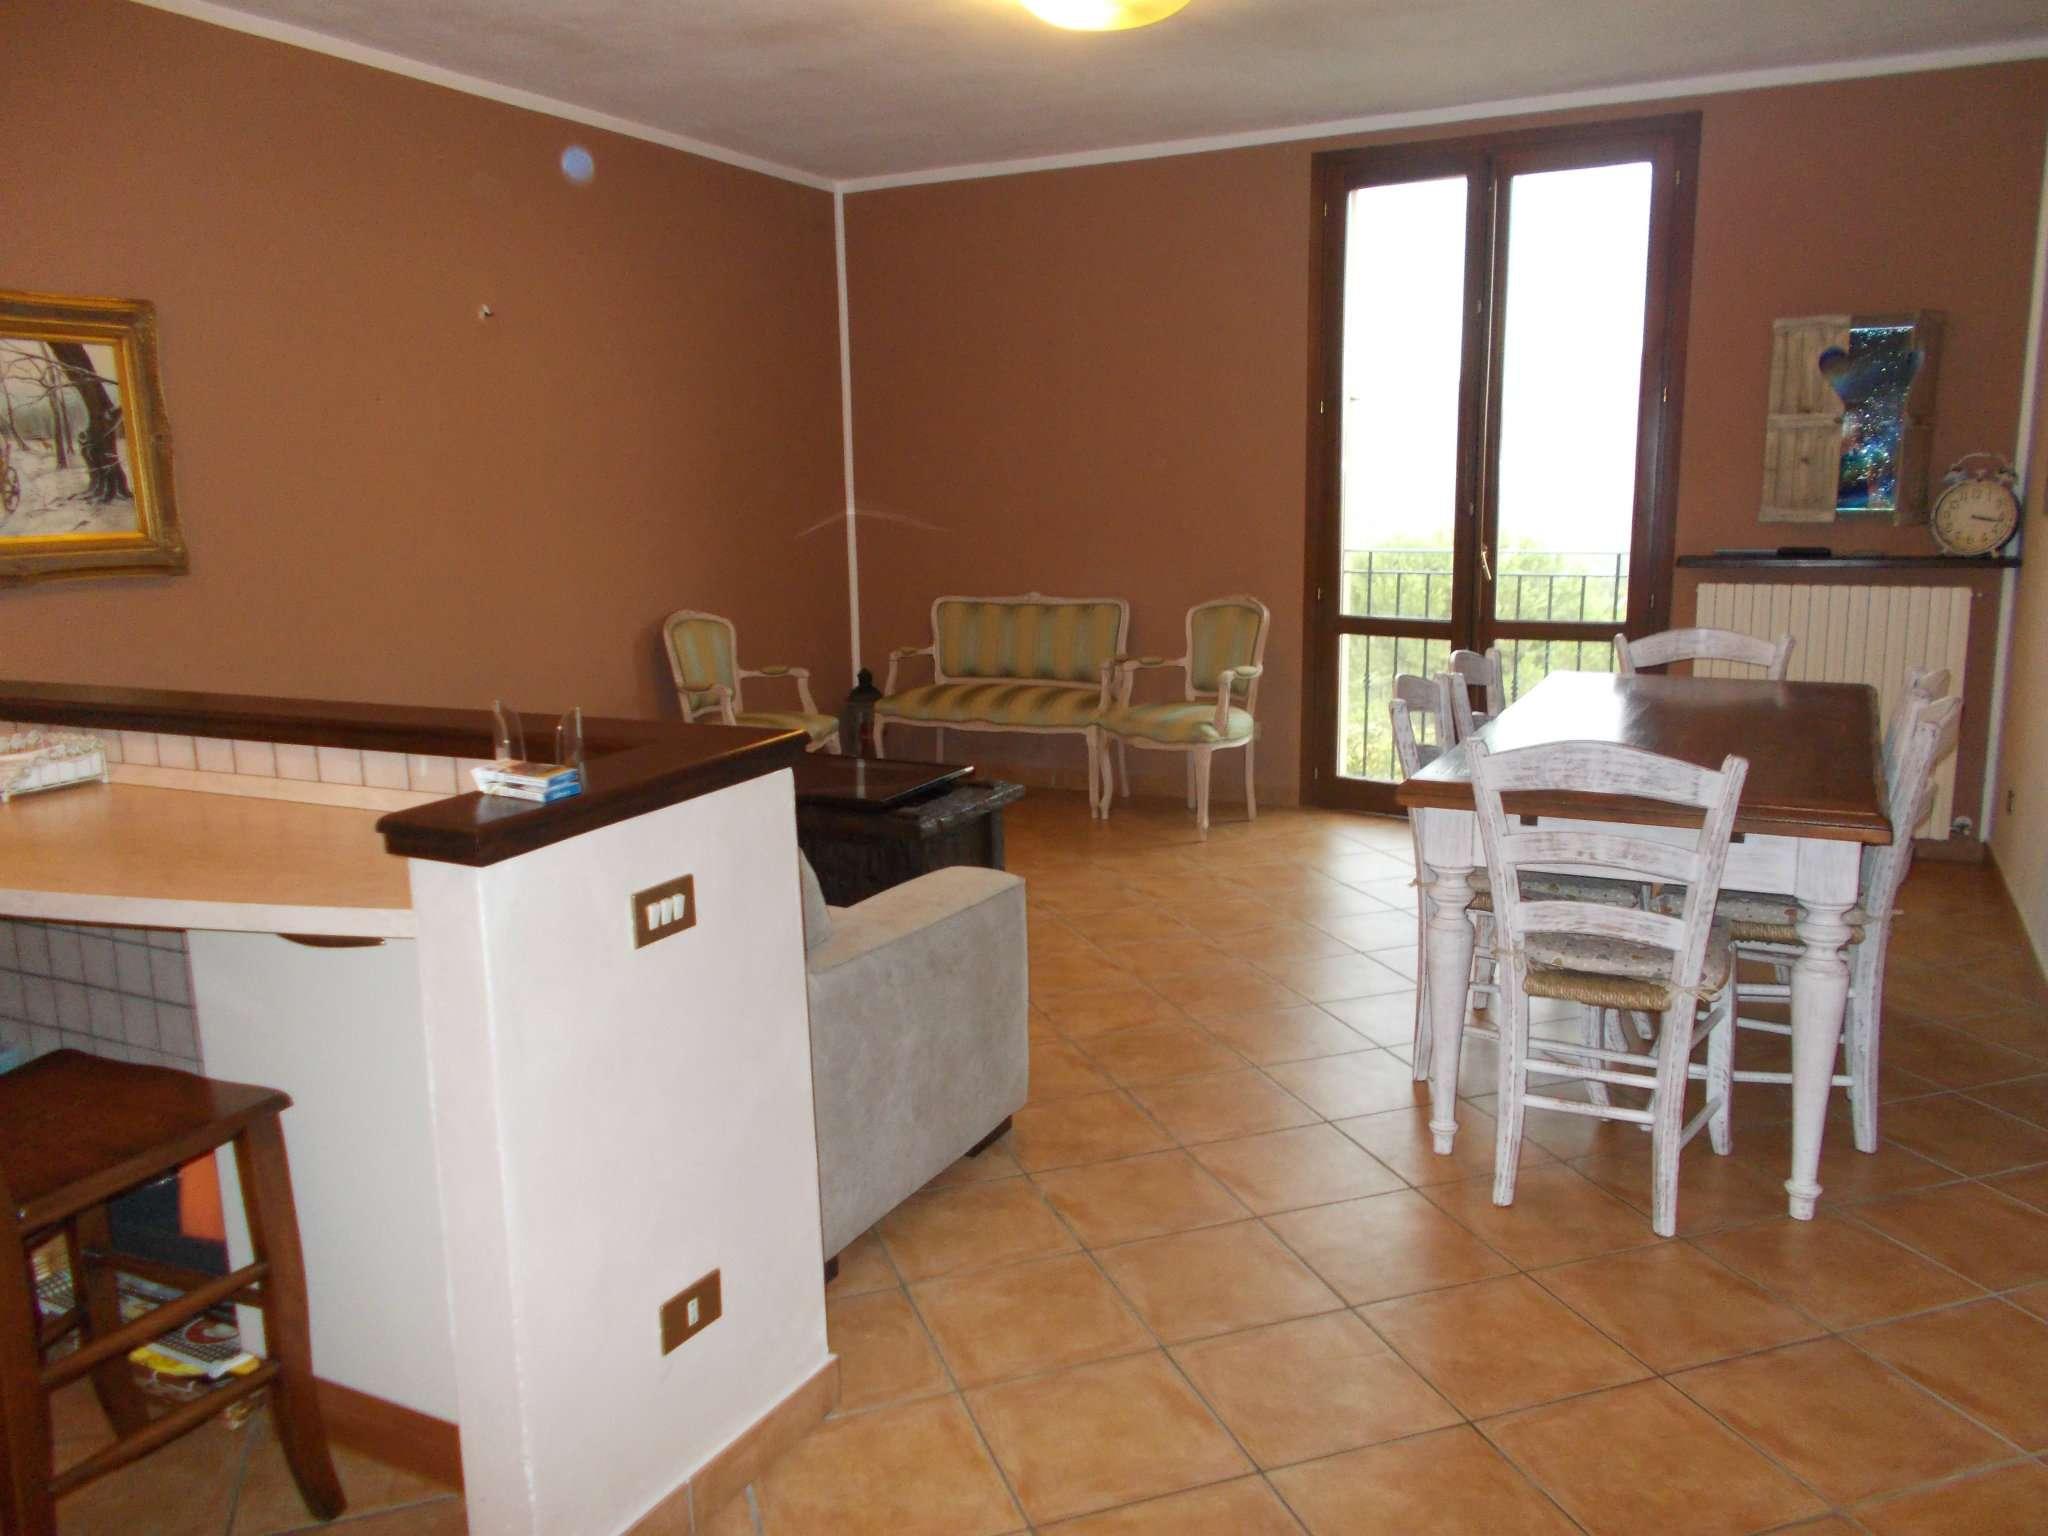 Appartamento in vendita a Vezzano sul Crostolo, 3 locali, prezzo € 125.000 | CambioCasa.it